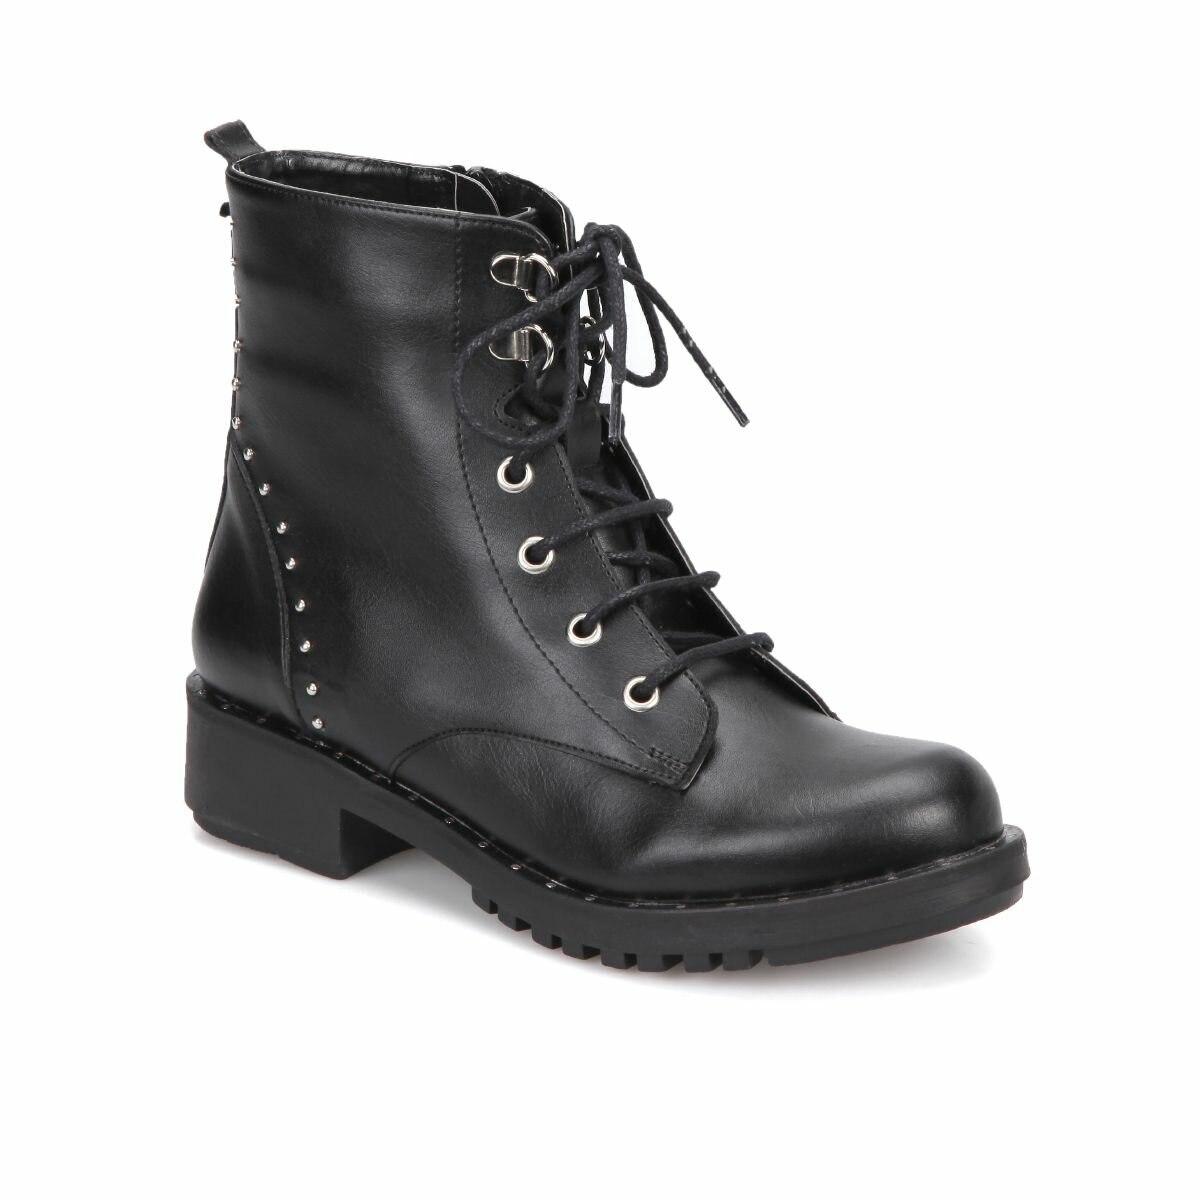 FLO Z502 Black Women Boots BUTIGO